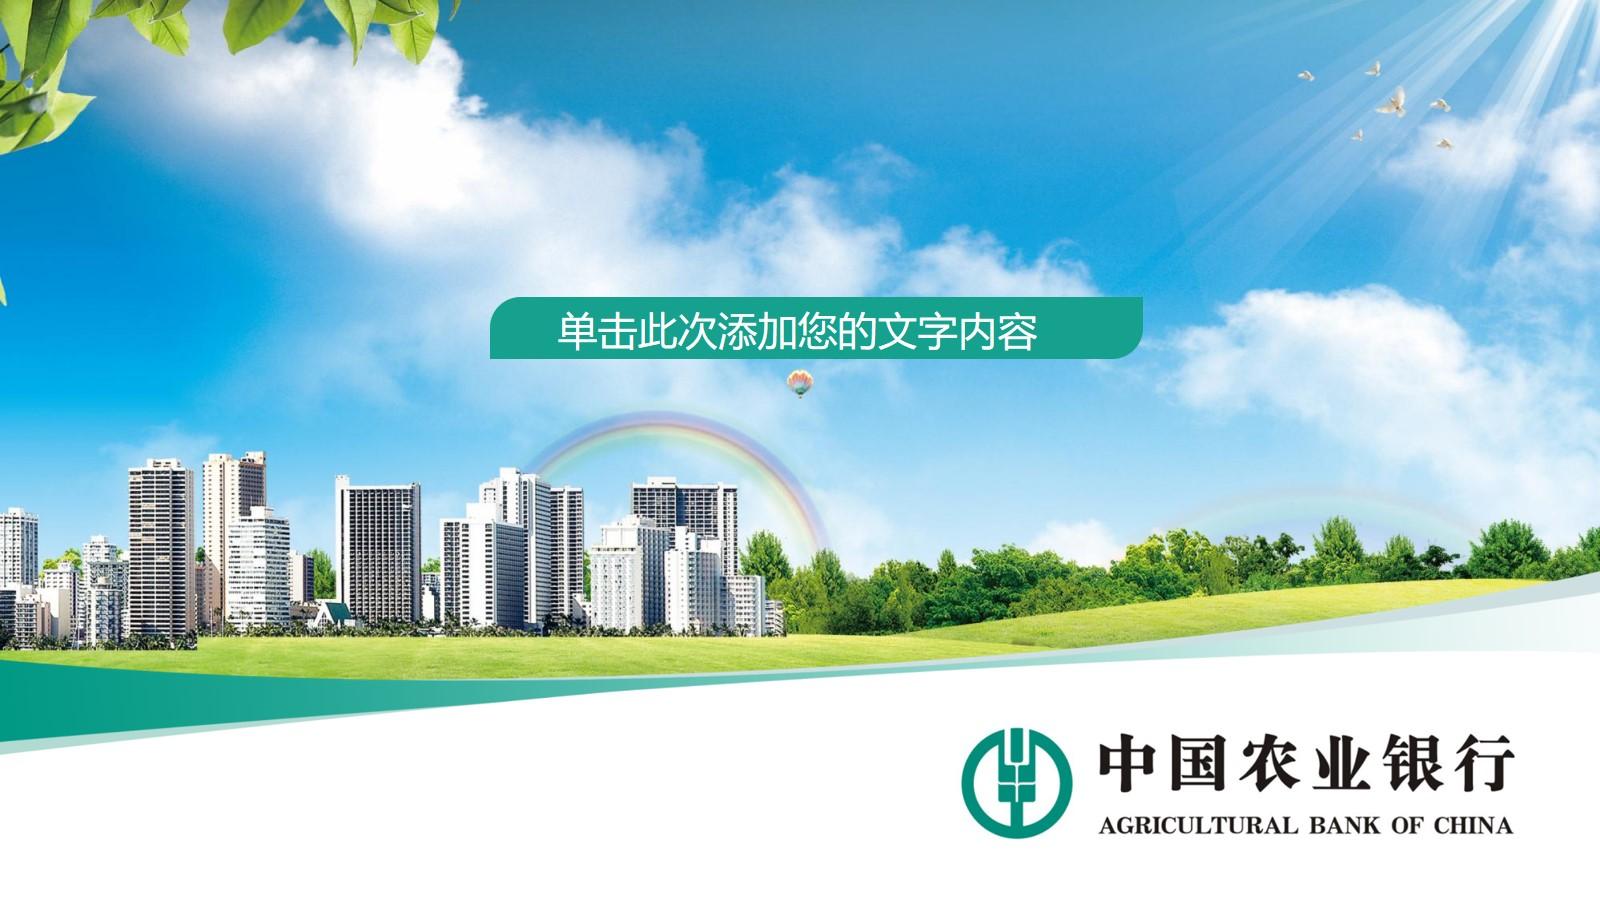 蓝天白云城市背景的农业银行工作计划PPT模板